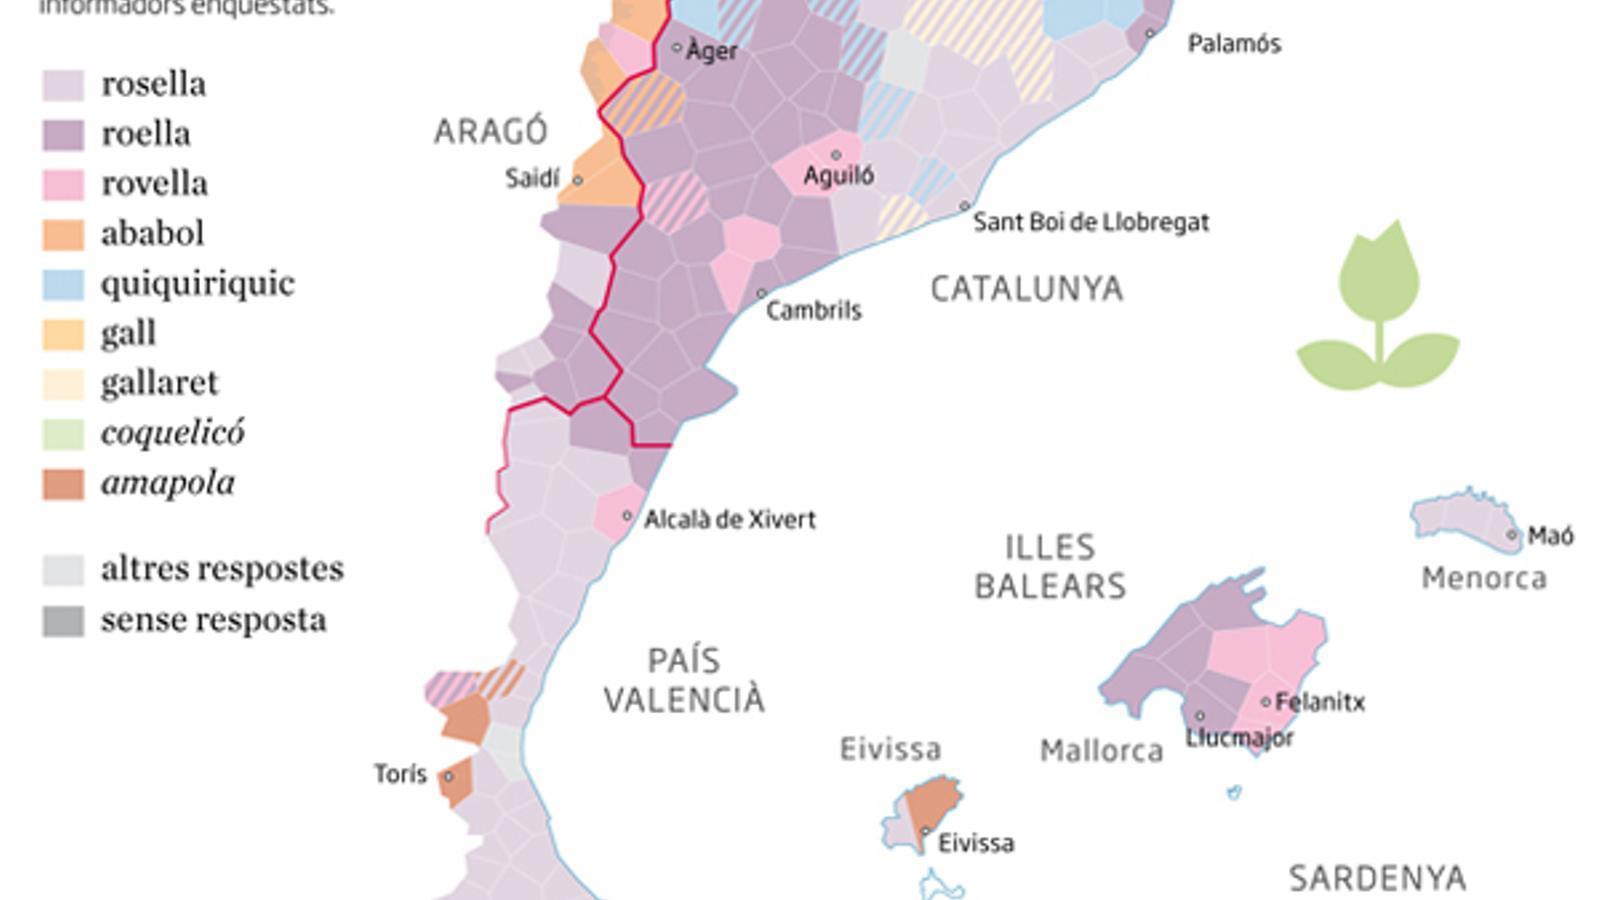 http://www.ara.cat/2016/05/28/cultura/Atles-catala-parlava-mig-segle_1585051761_29257083_540x533.jpg